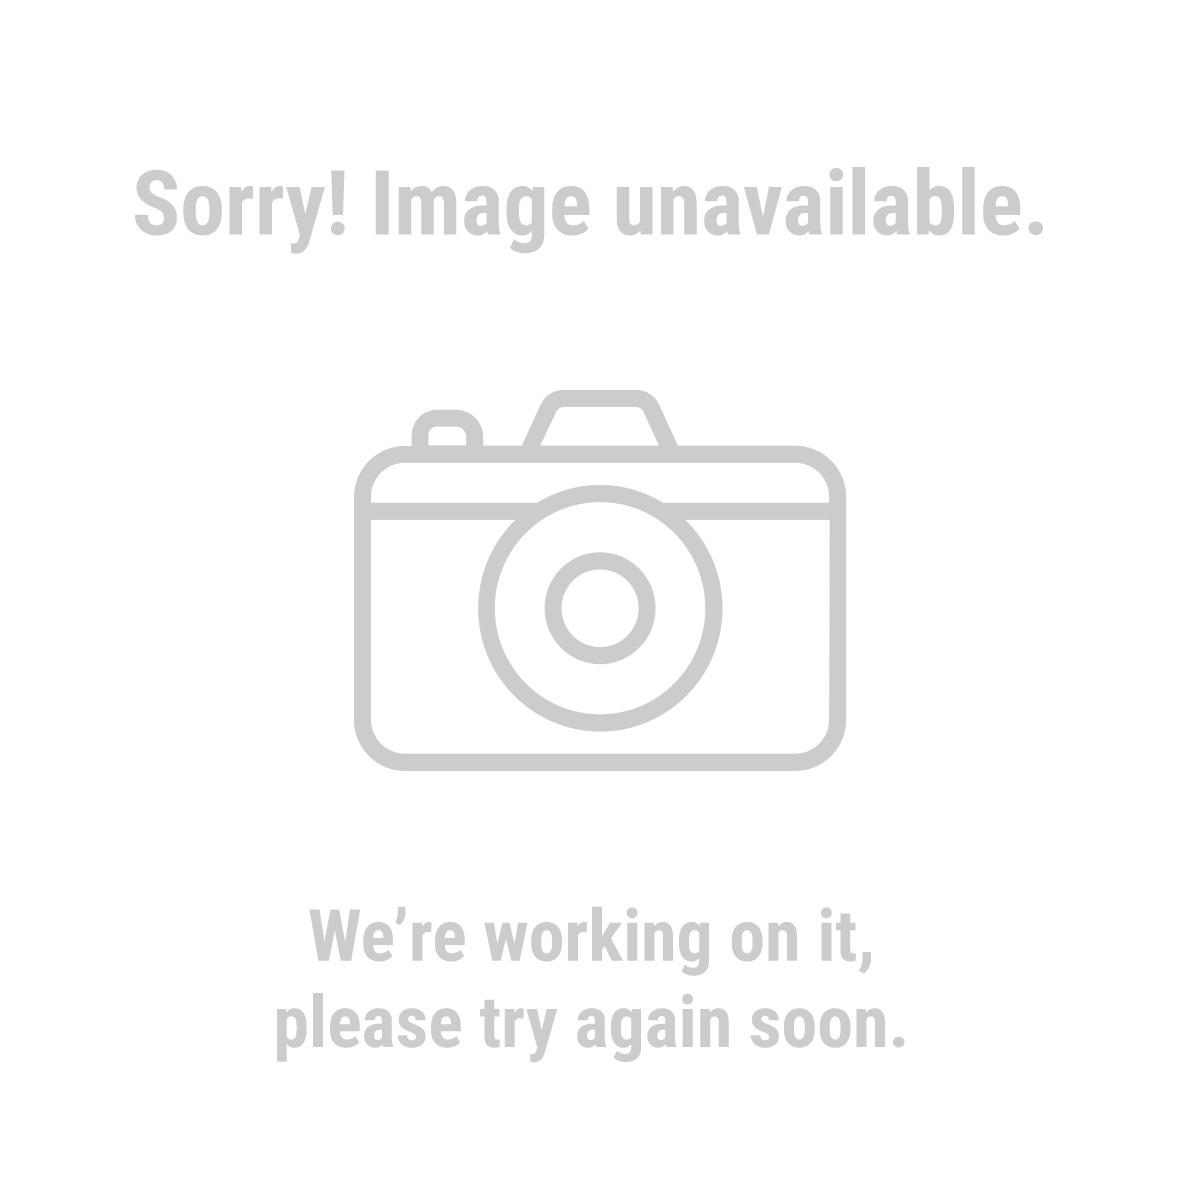 10 Ft X 16 Gauge Indoor Outdoor Extension Cord